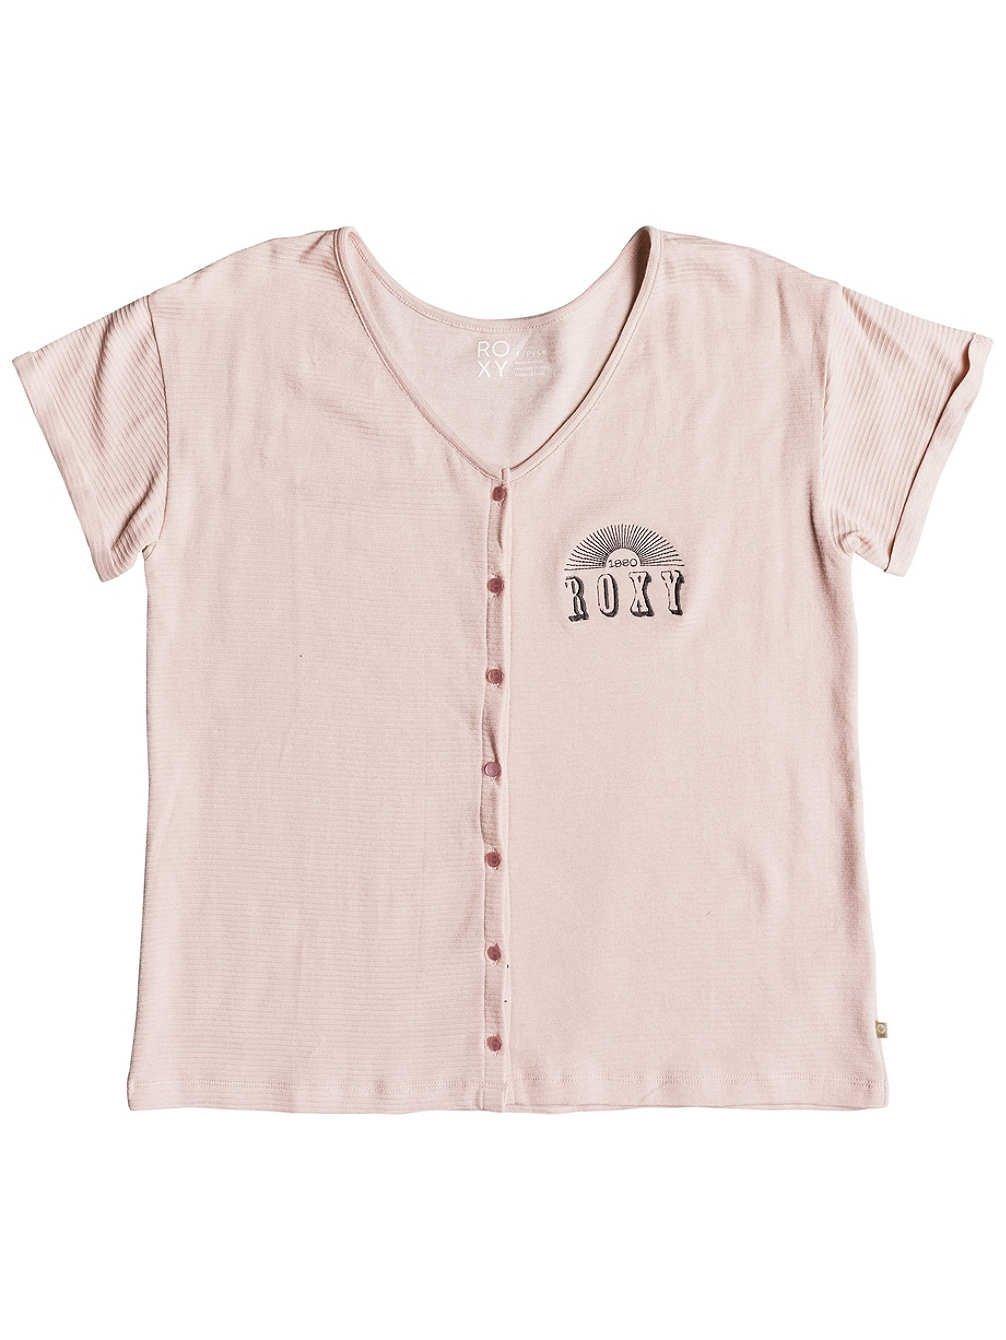 Roxy Never Give Up – Camiseta Abotonada para Mujer ERJZT04341